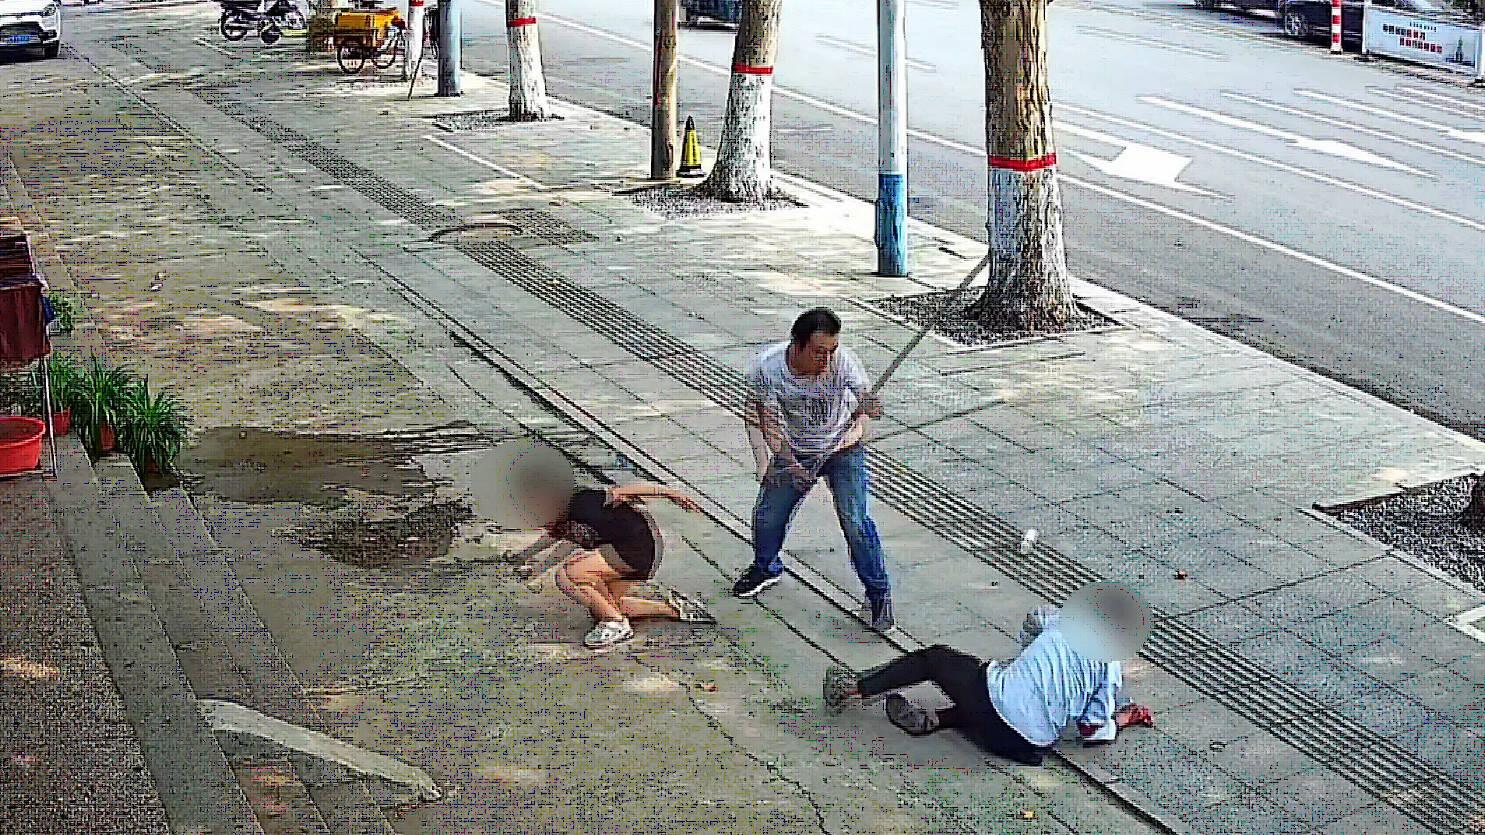 56秒丨邹平:男子当街持刀袭击路人 好汉拿着棍子冲了上去